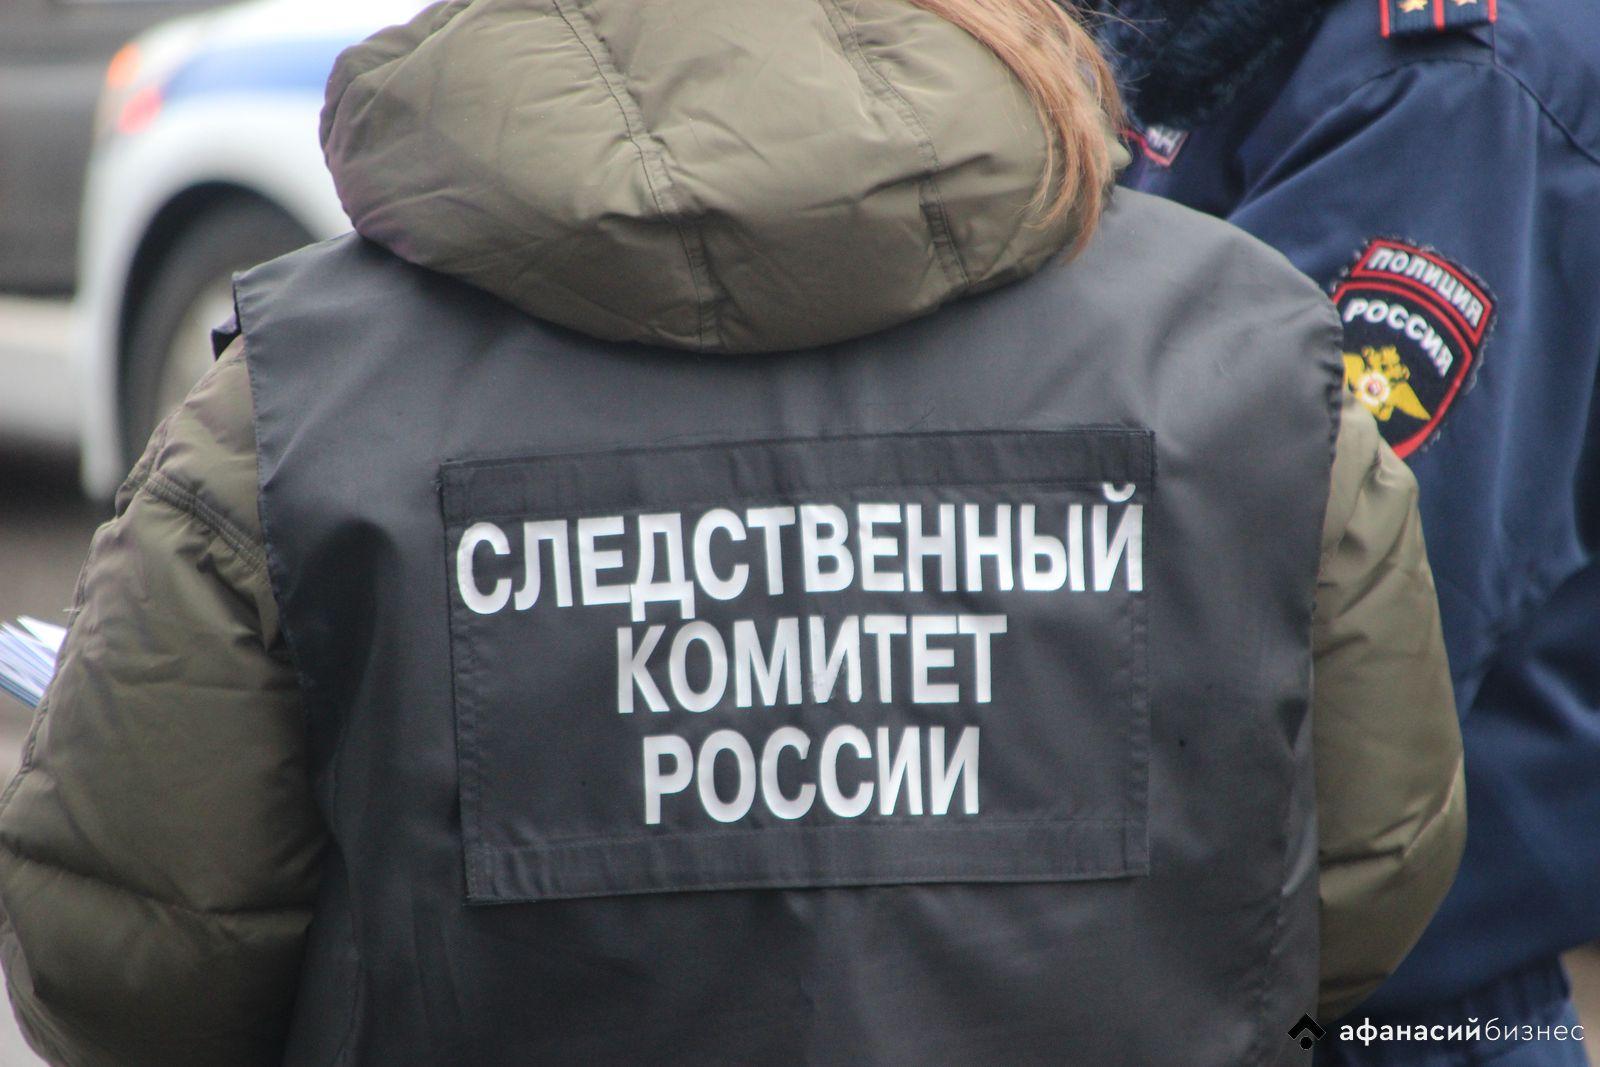 Житель Тверской области выманивал у детей в соцсетях фотографии интимного характера